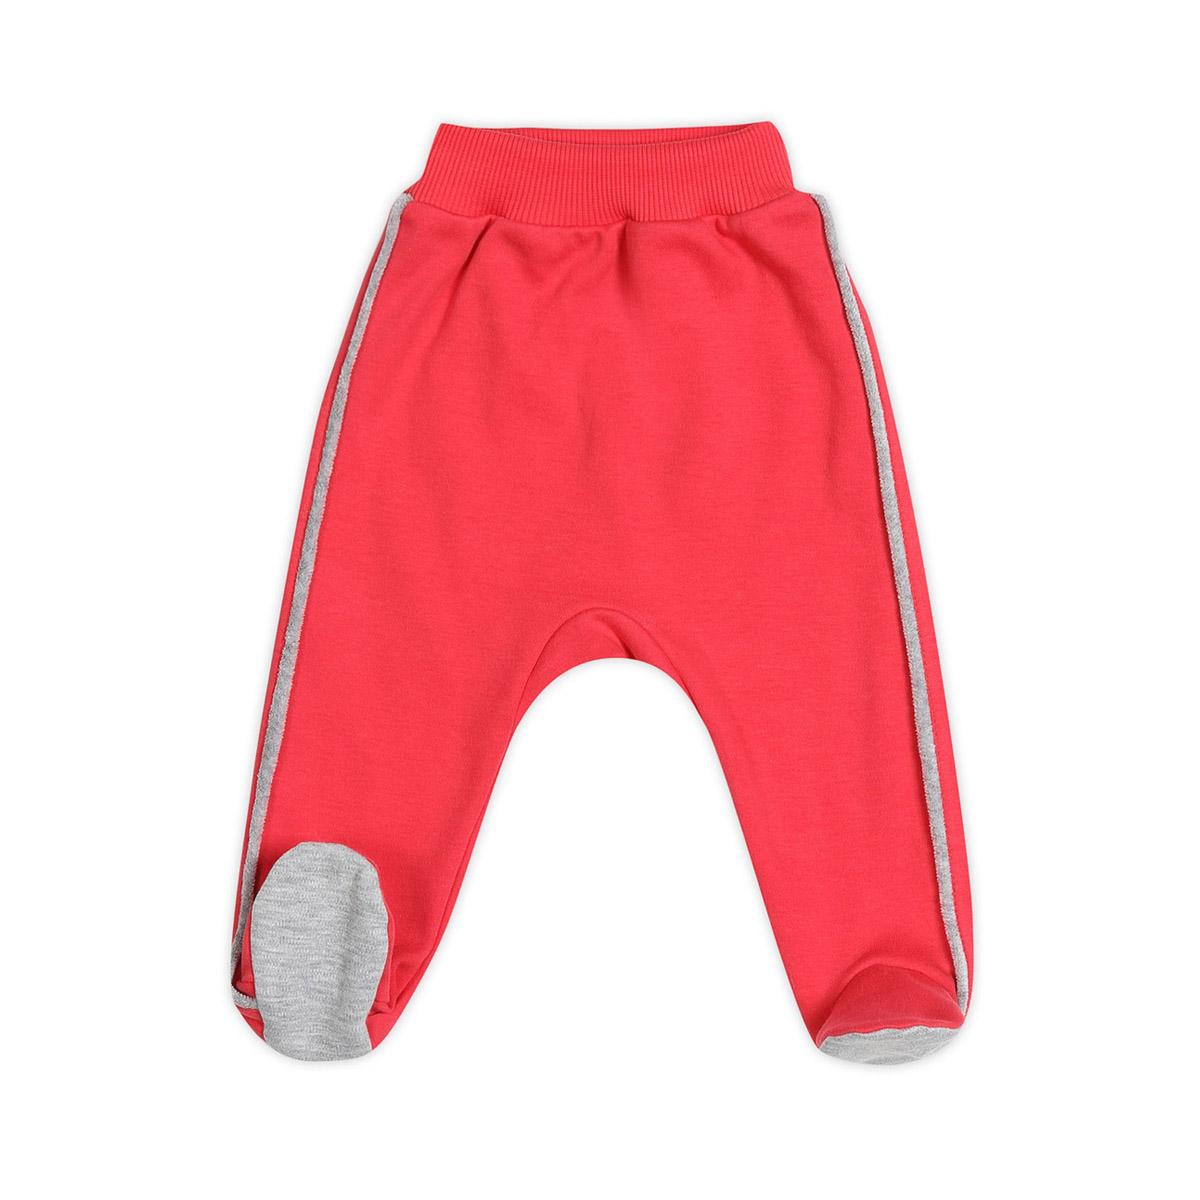 Ползунки с ножками Ёмаё Спорт (26-265) рост 62 ярко-розовый<br>